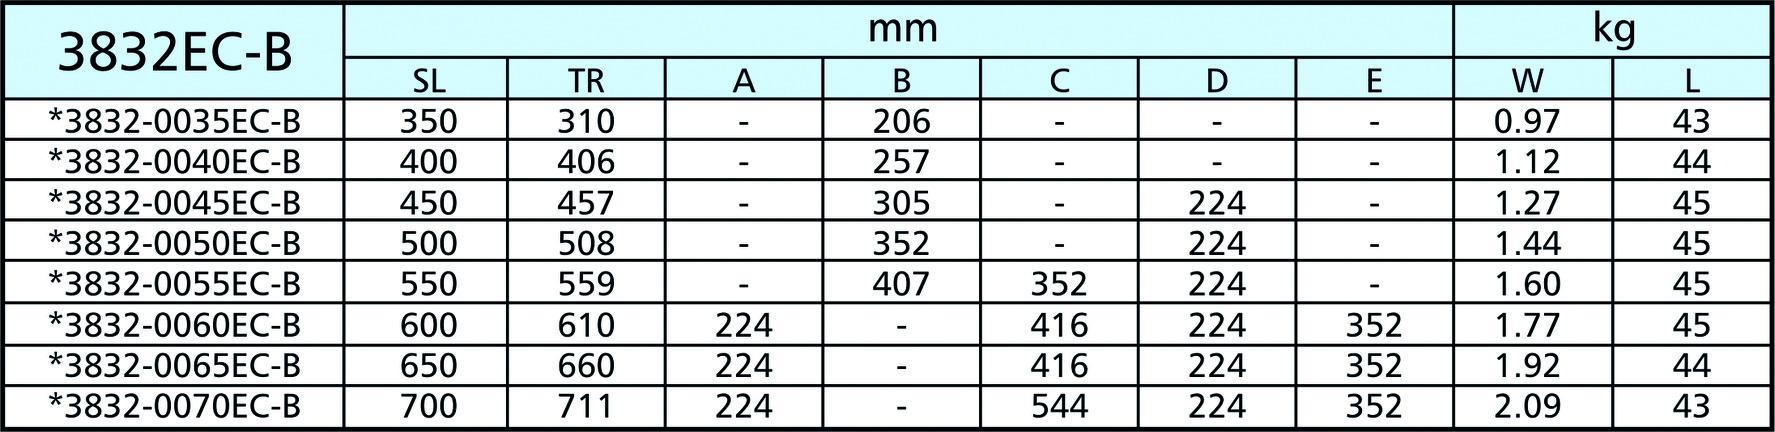 Kugel-Vollauszüge ACCURIDE 3832EC (B) mit Selbsteinzug und Dämpfung